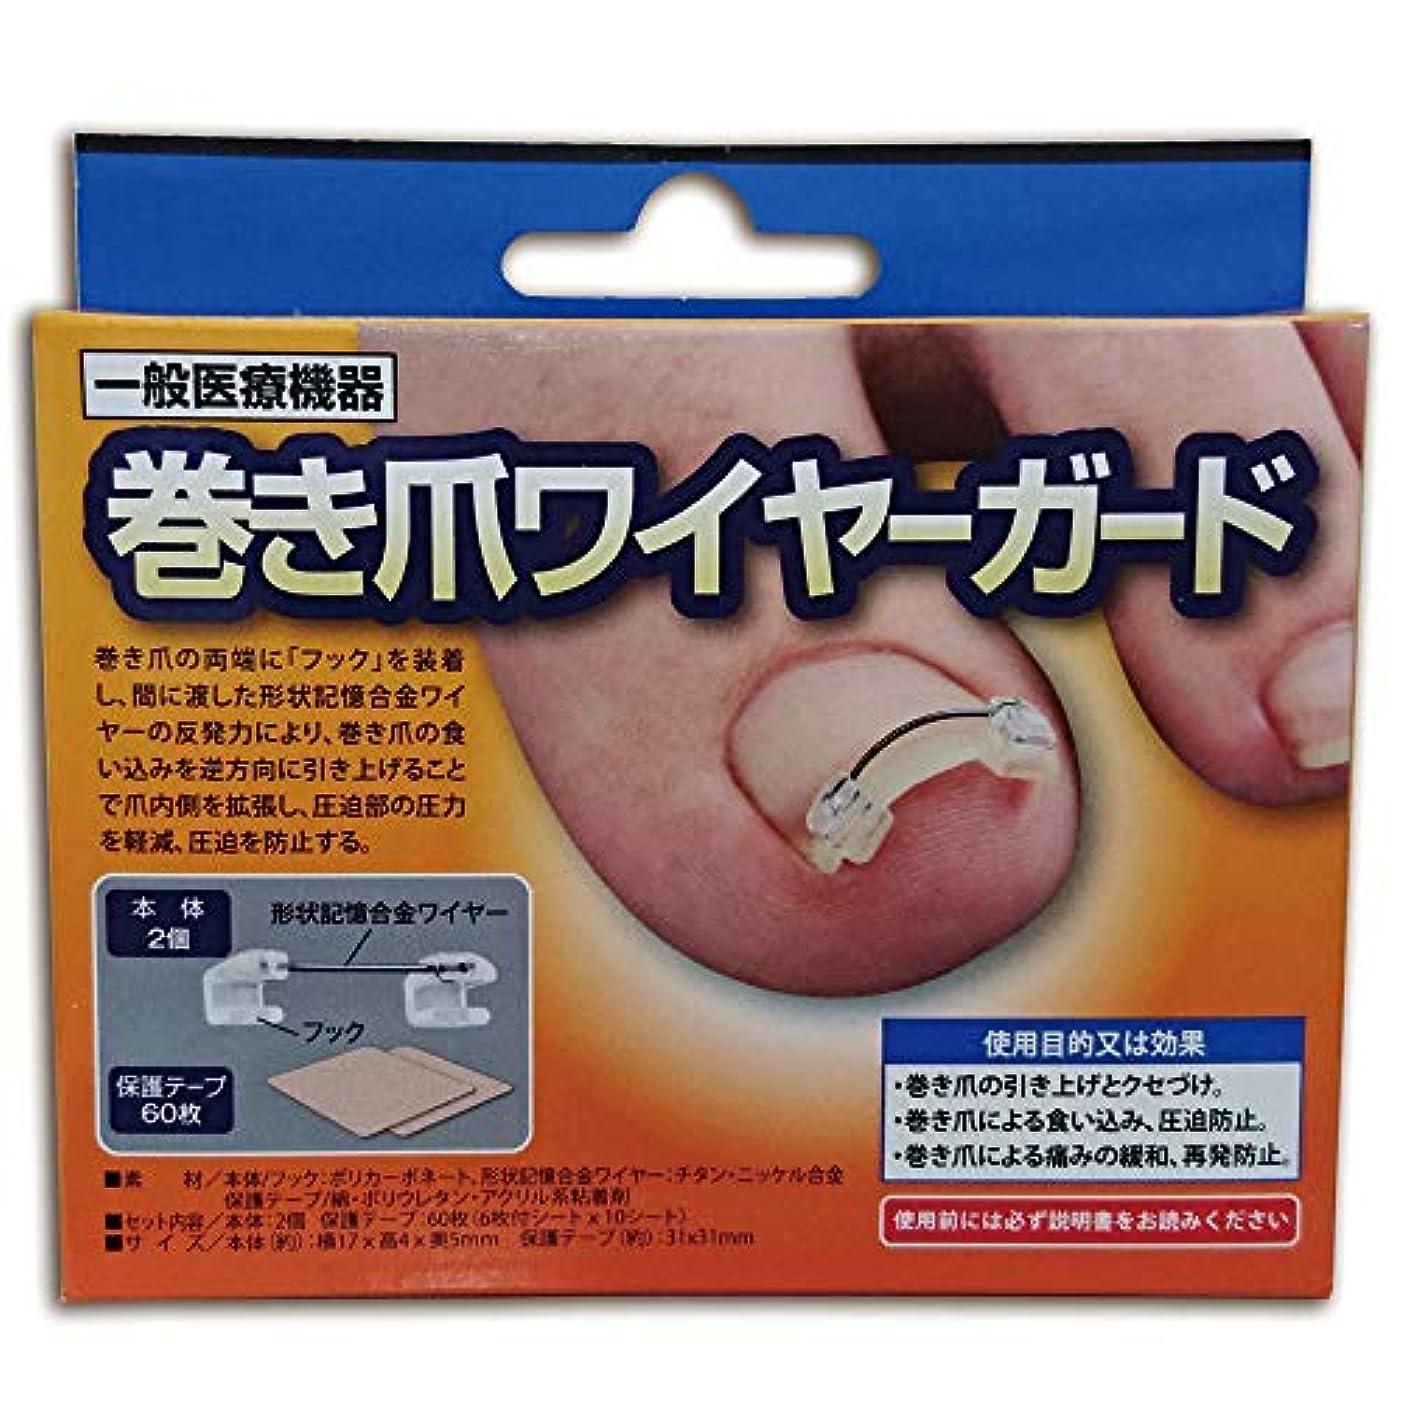 トラブルダニとてもサイプラス 一般医療機器 巻き爪ワイヤーガード